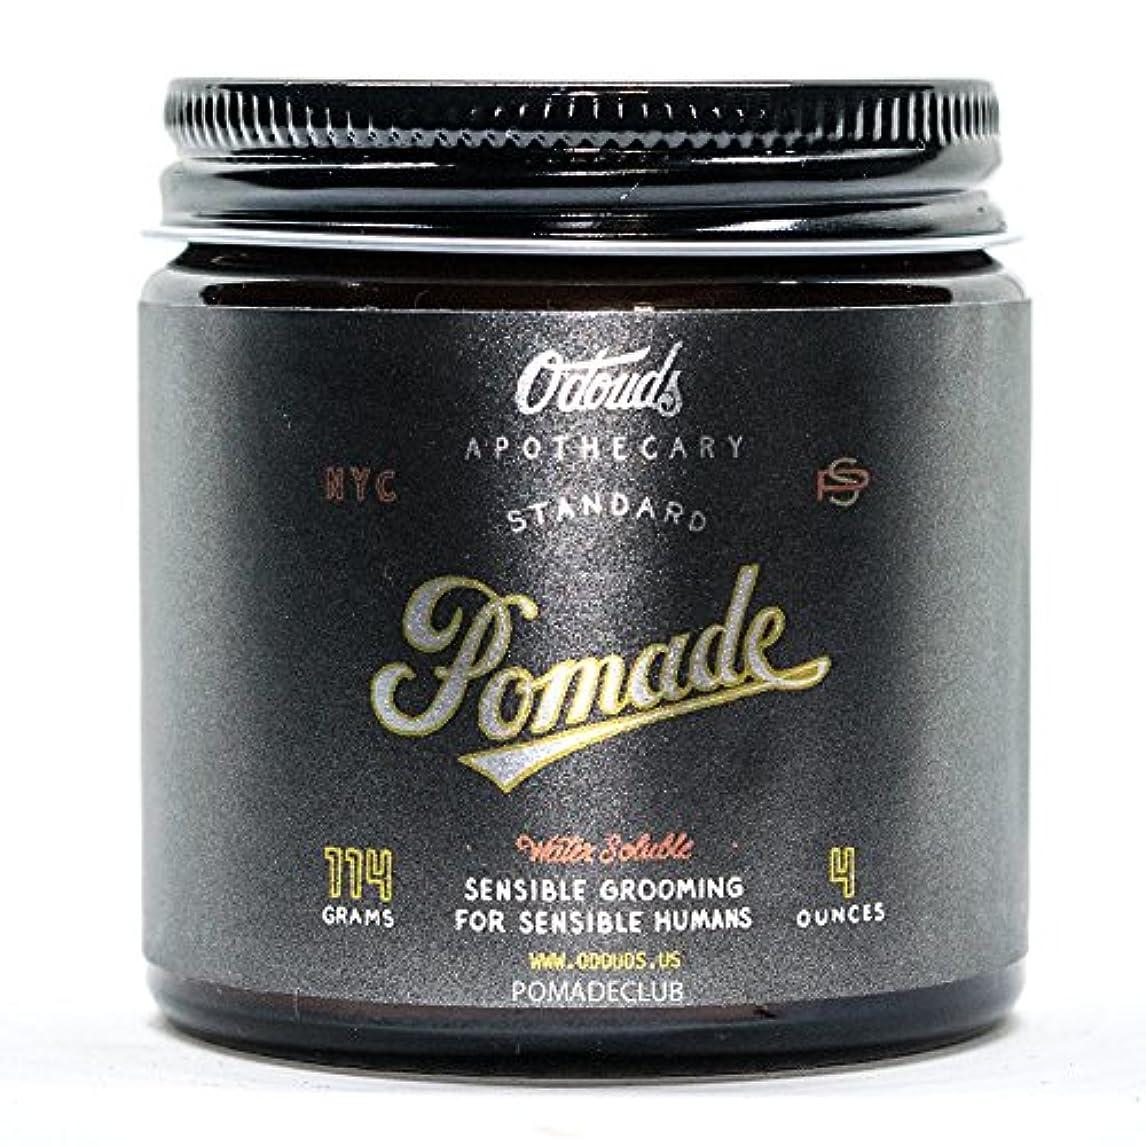 まあインスタント穀物O'Douds (オダウズ) スタンダードポマード STANDARD POMADE メンズ 整髪料 水性 ヘアグリース クリームタイプ ツヤあり ストロングホールド